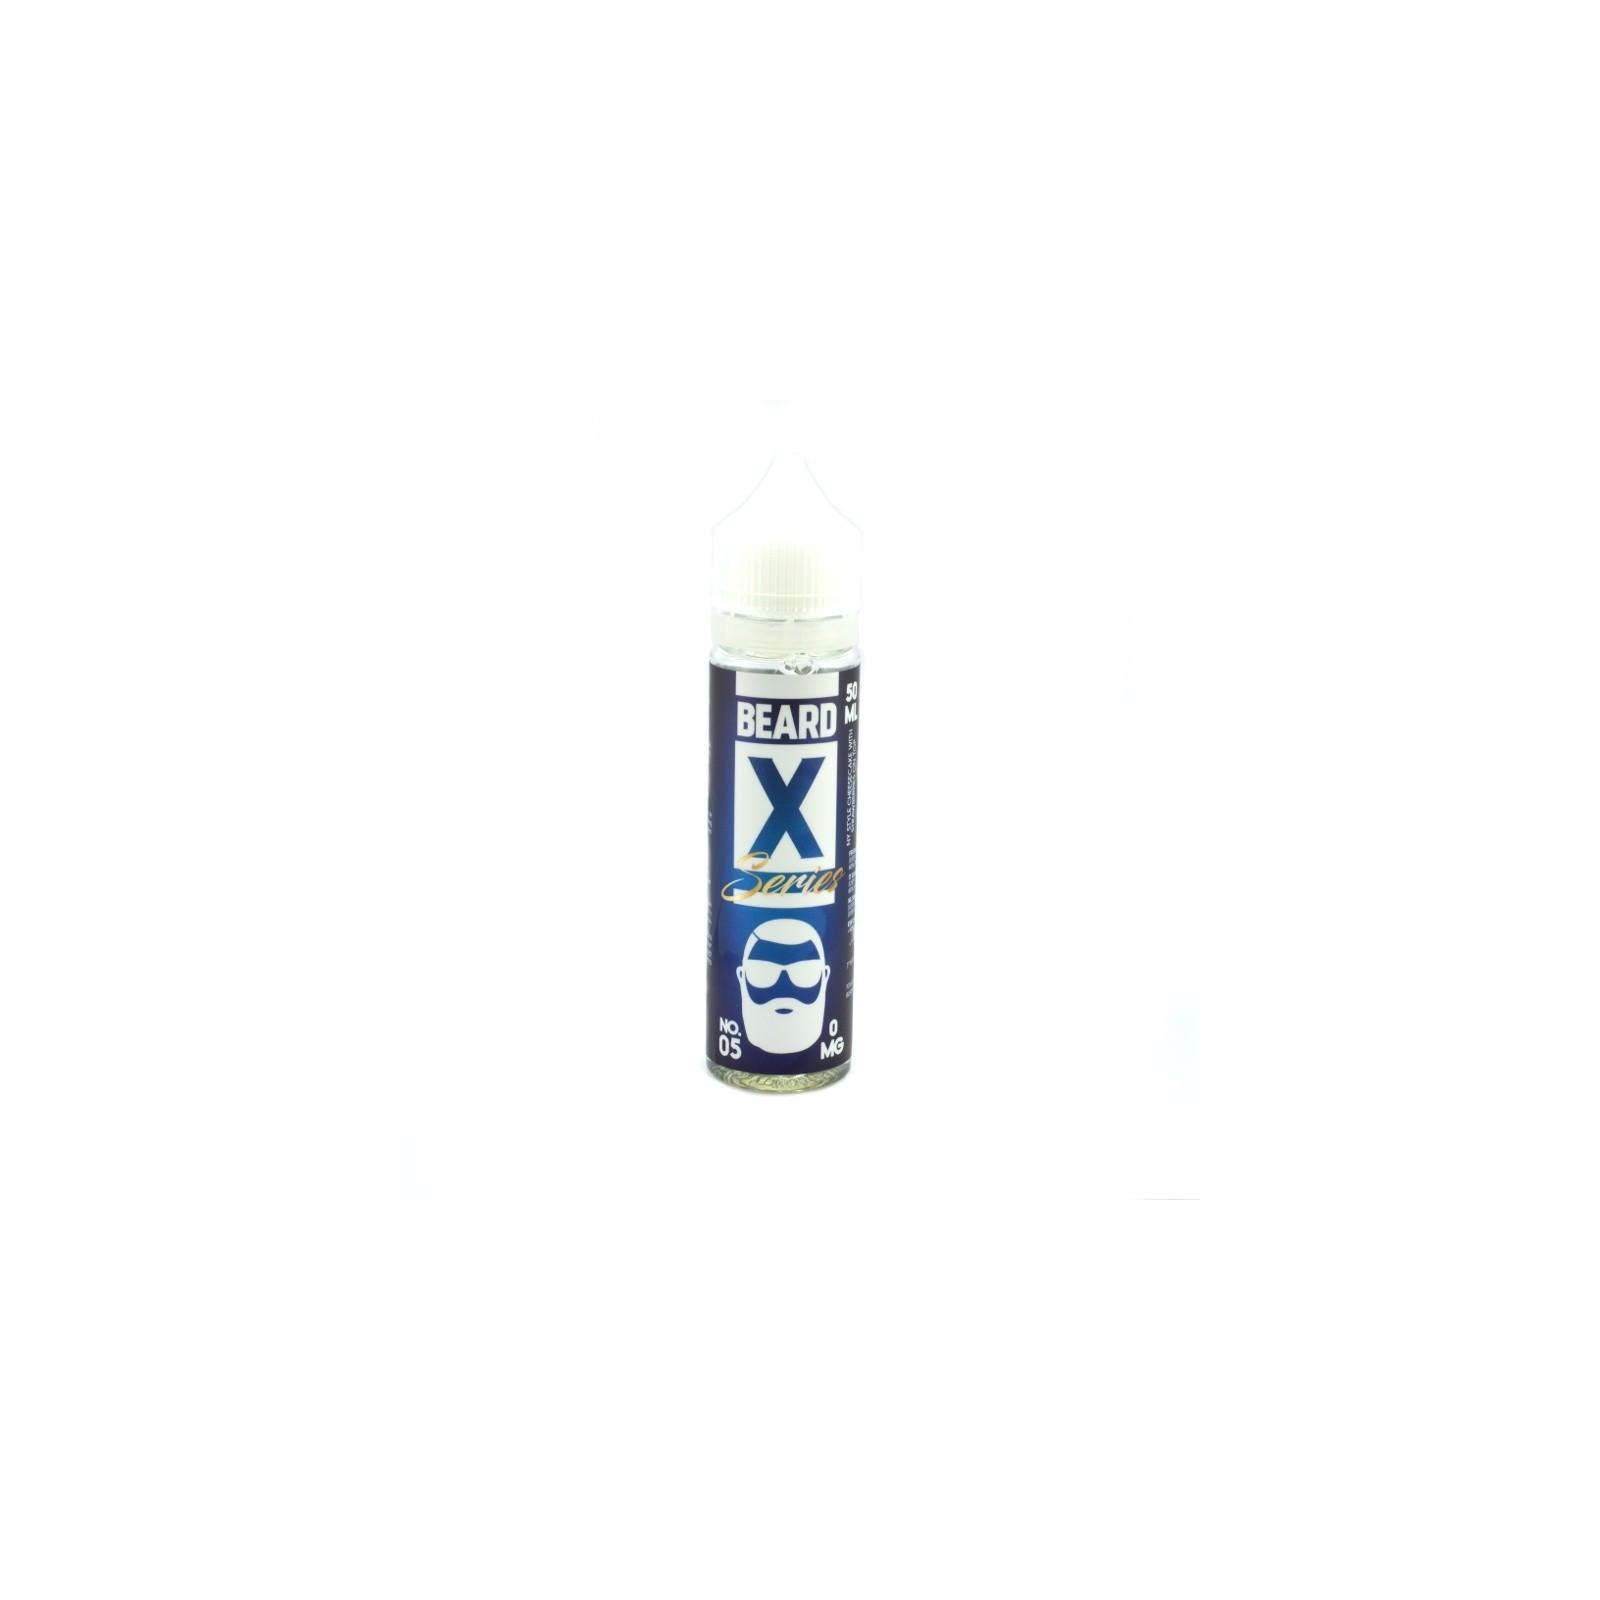 Beard X Series 50ml